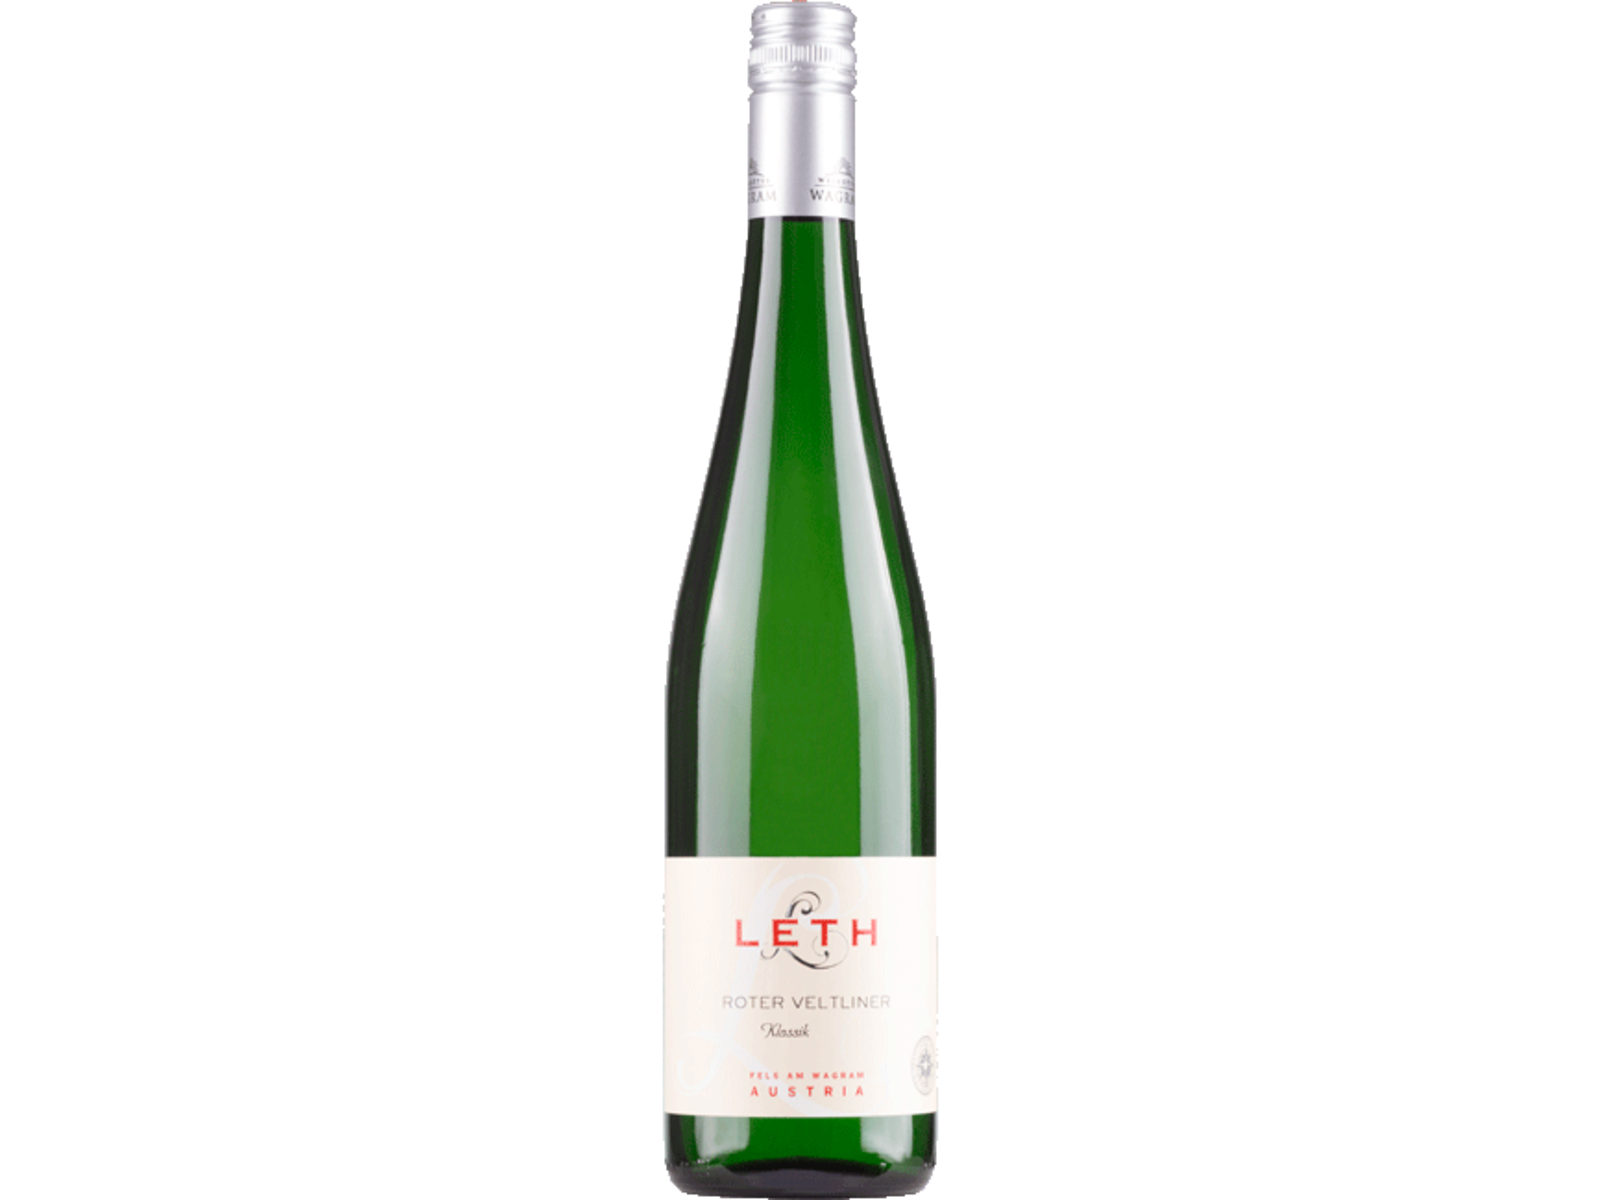 Weingut Leth Weingut Leth / Roter Veltliner Klassik